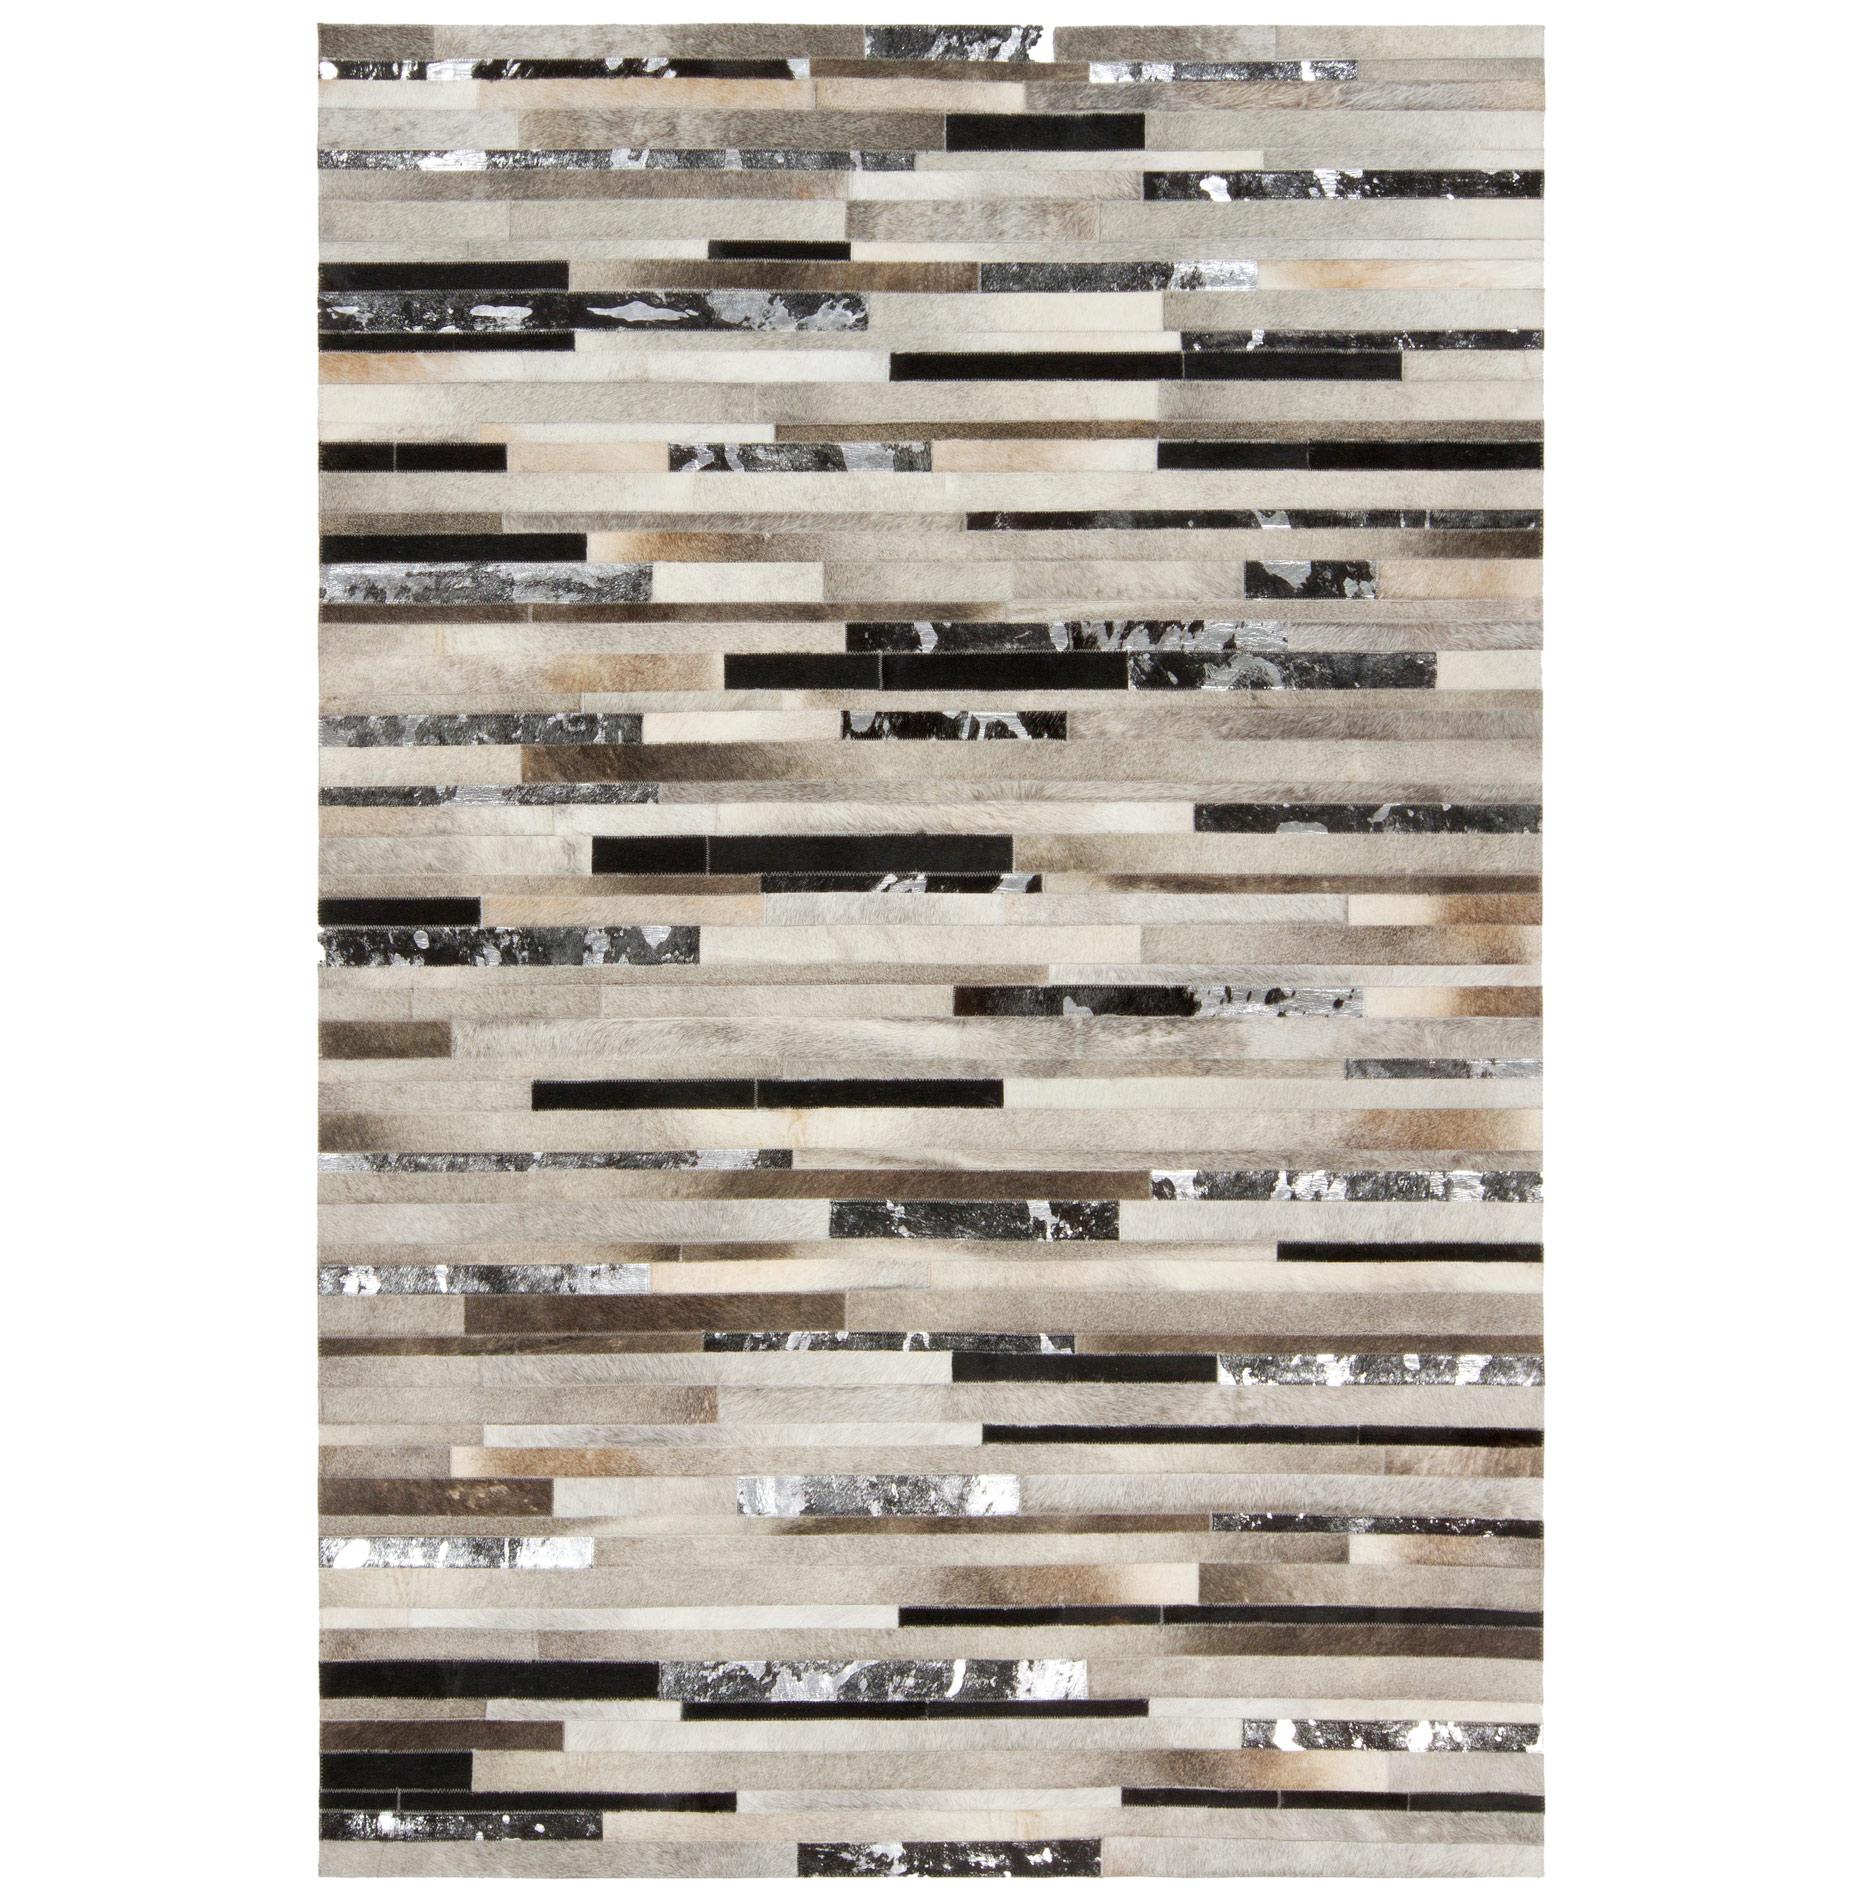 Kamla Global Bazaar Speckled Tile Black Silver Cowhide Rug - 8x10